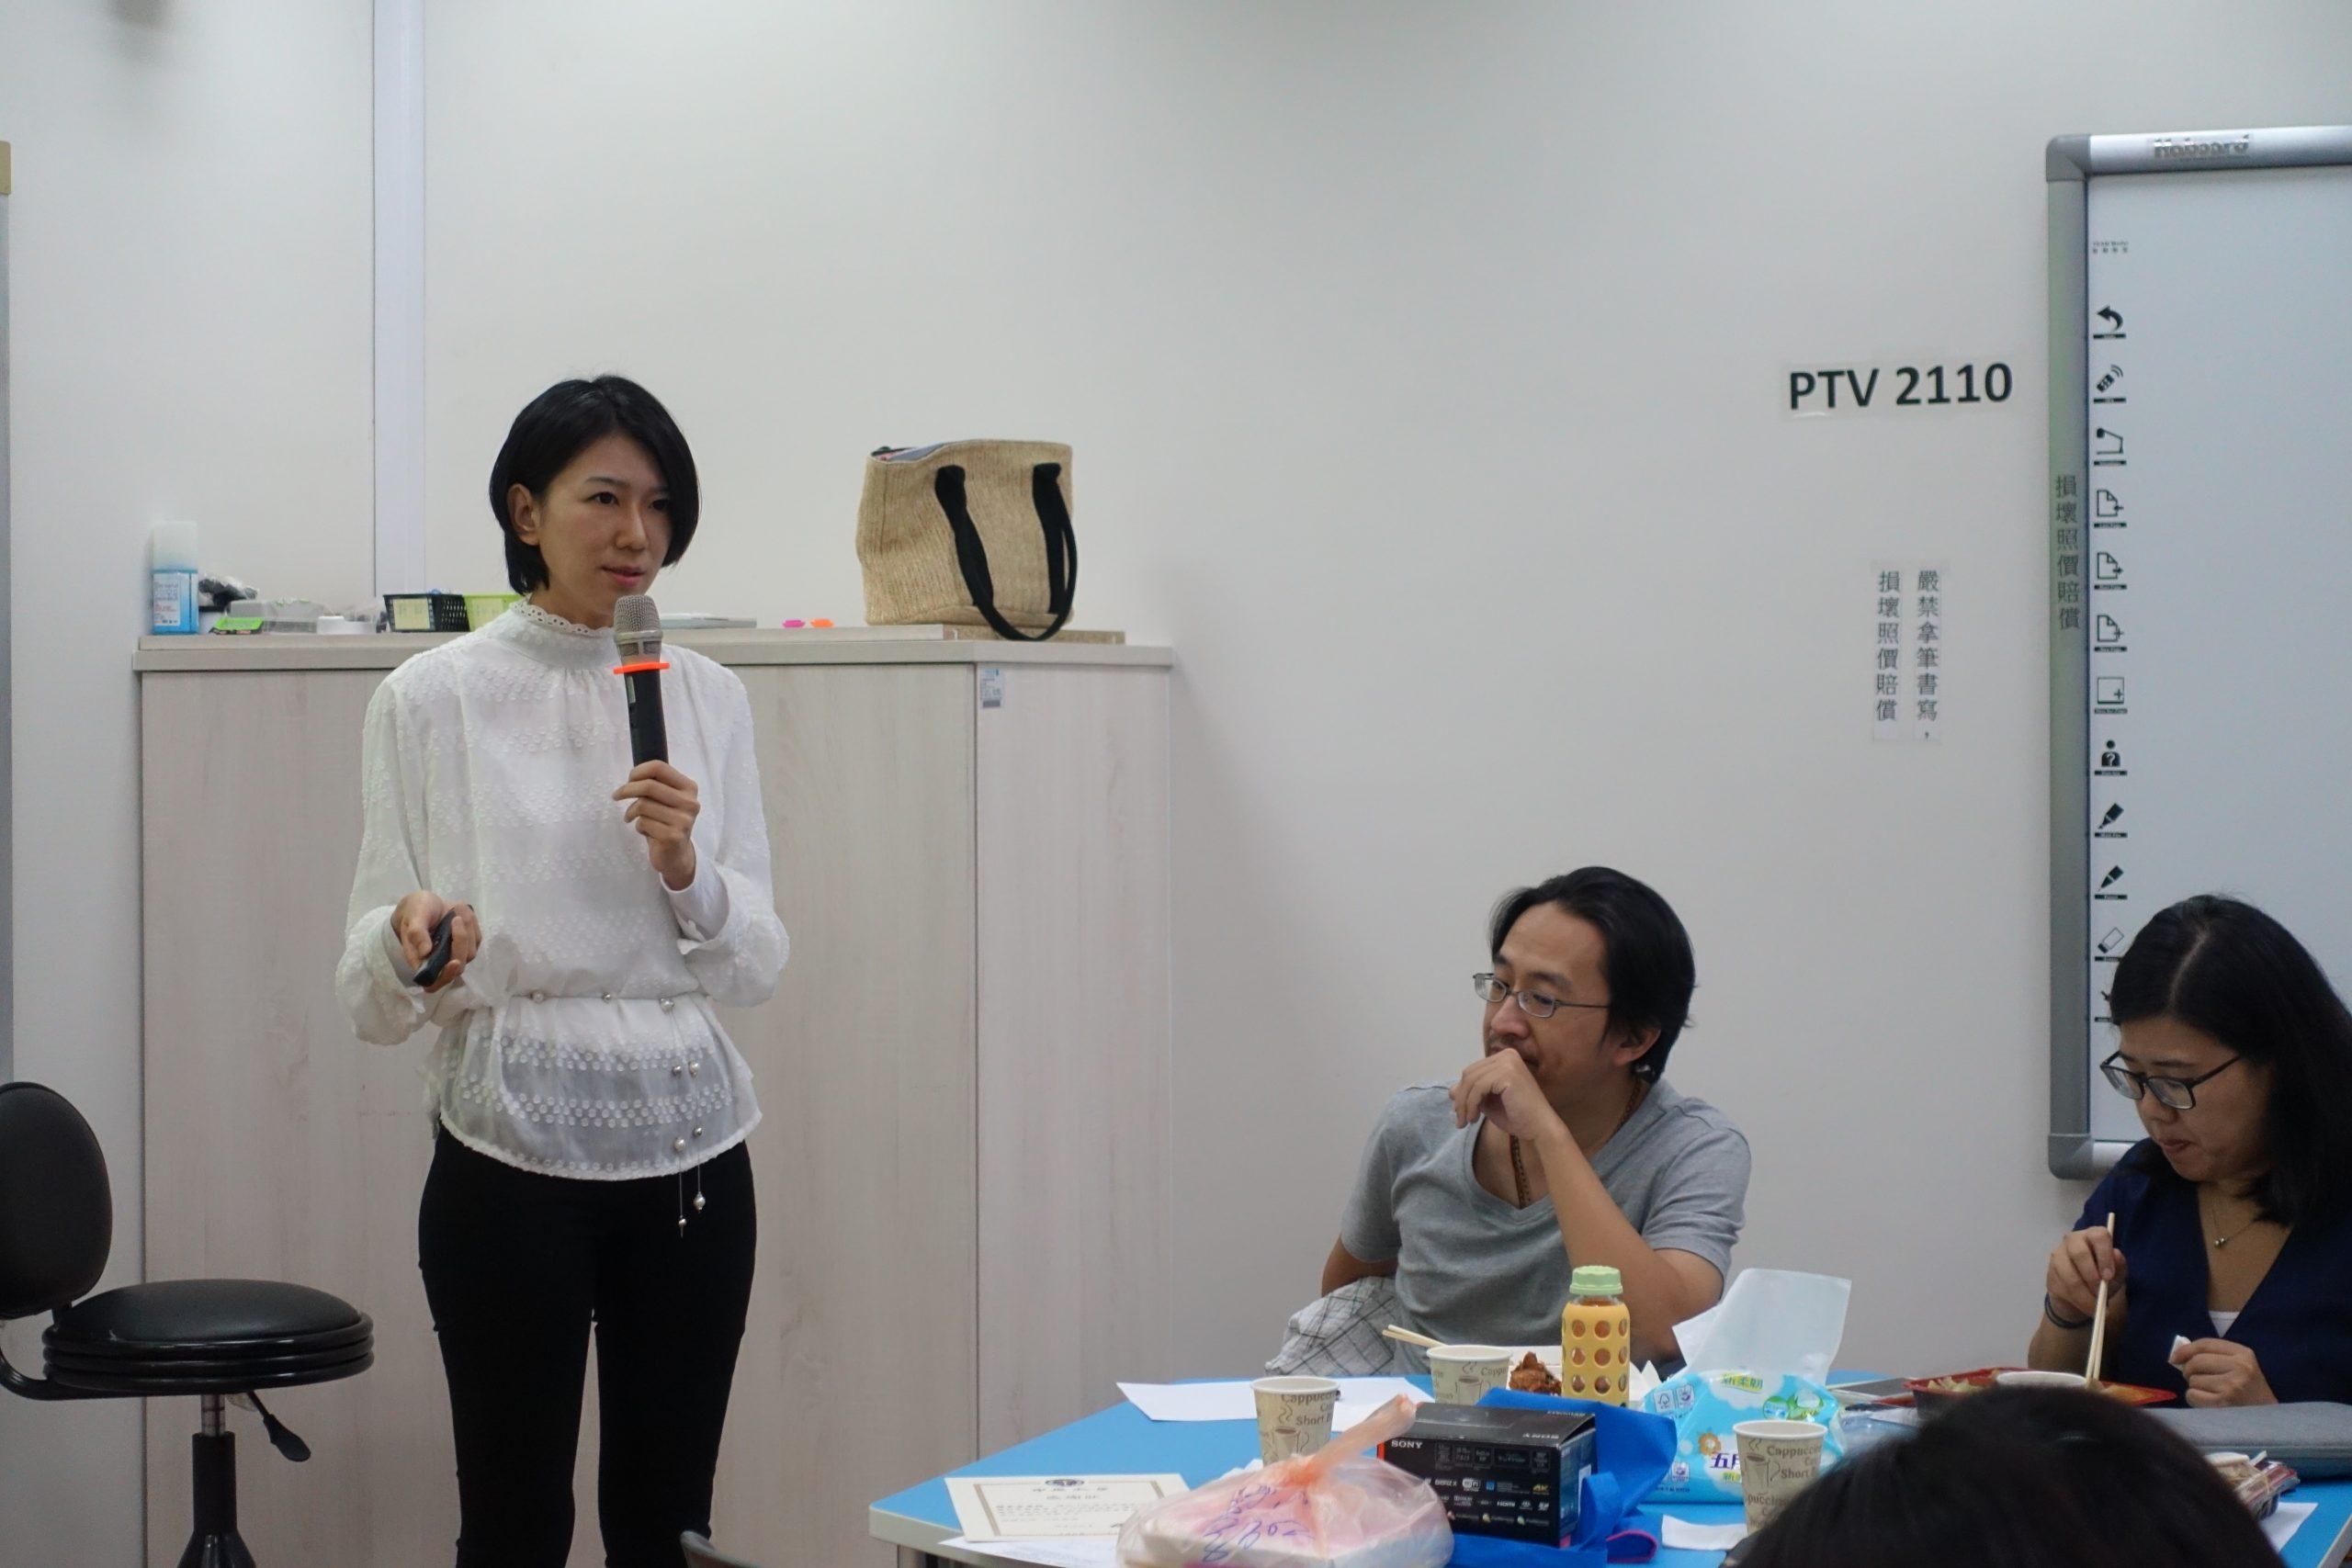 翻轉教學教與學工作坊主講人-趙安安老師